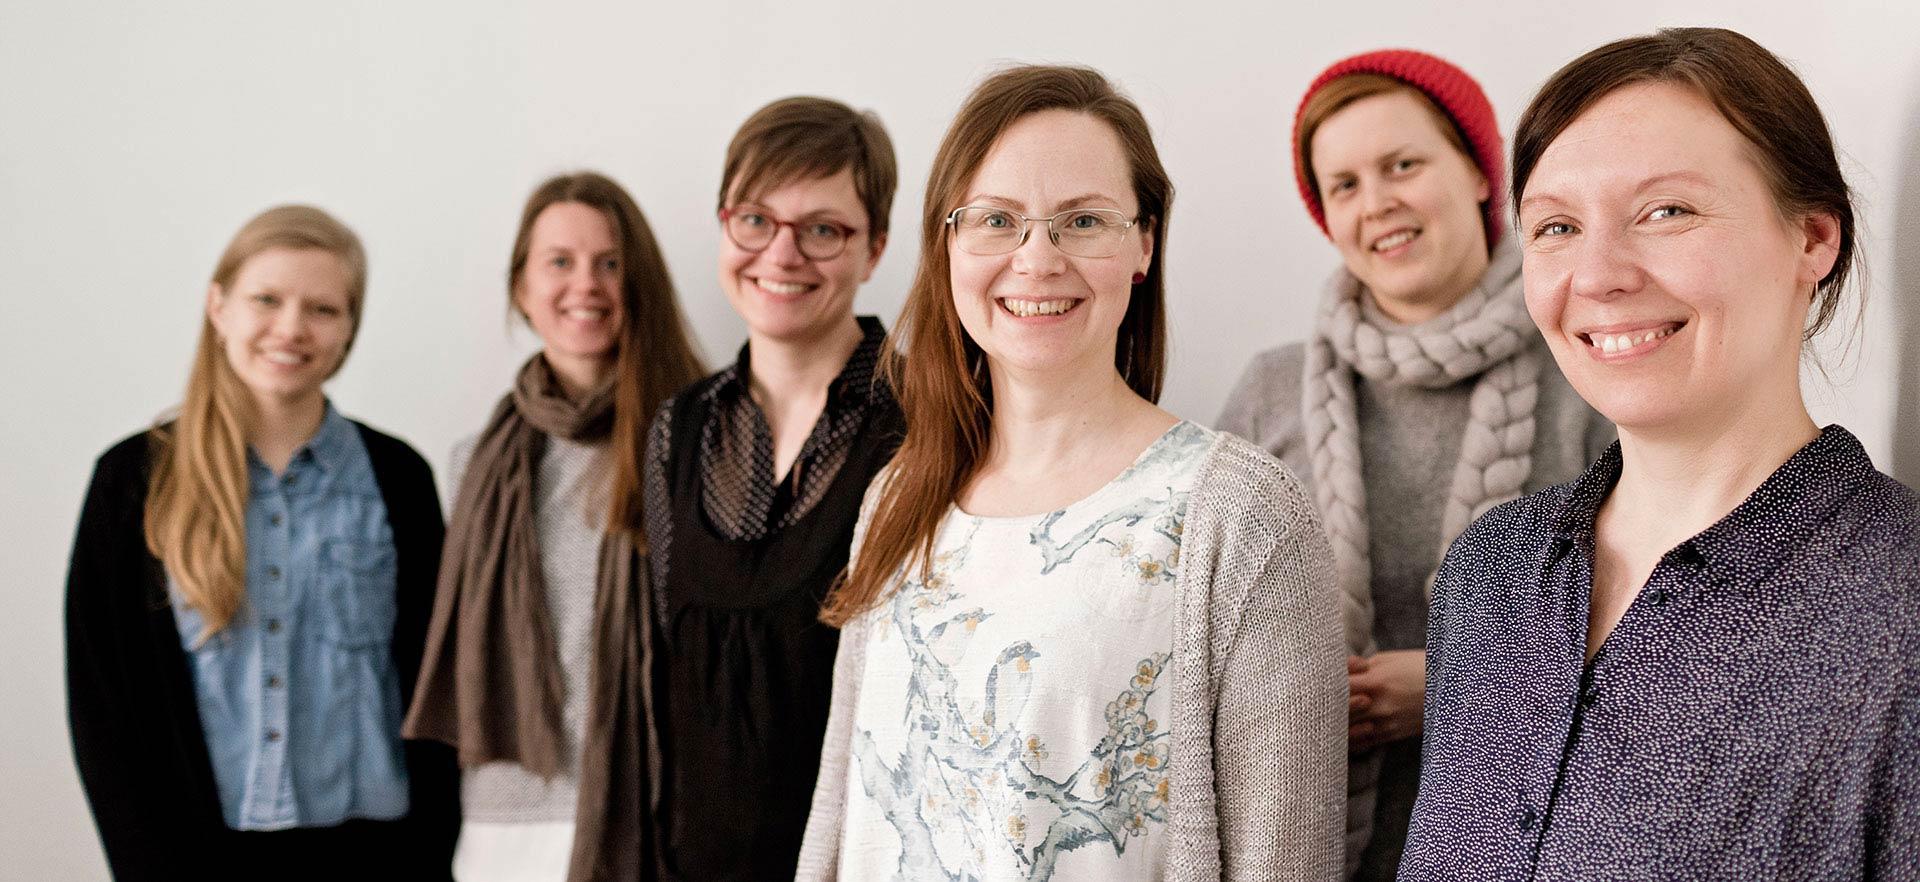 Joukko Noon-kollektiivin jäseniä hymyilee ryhmäkuvassa